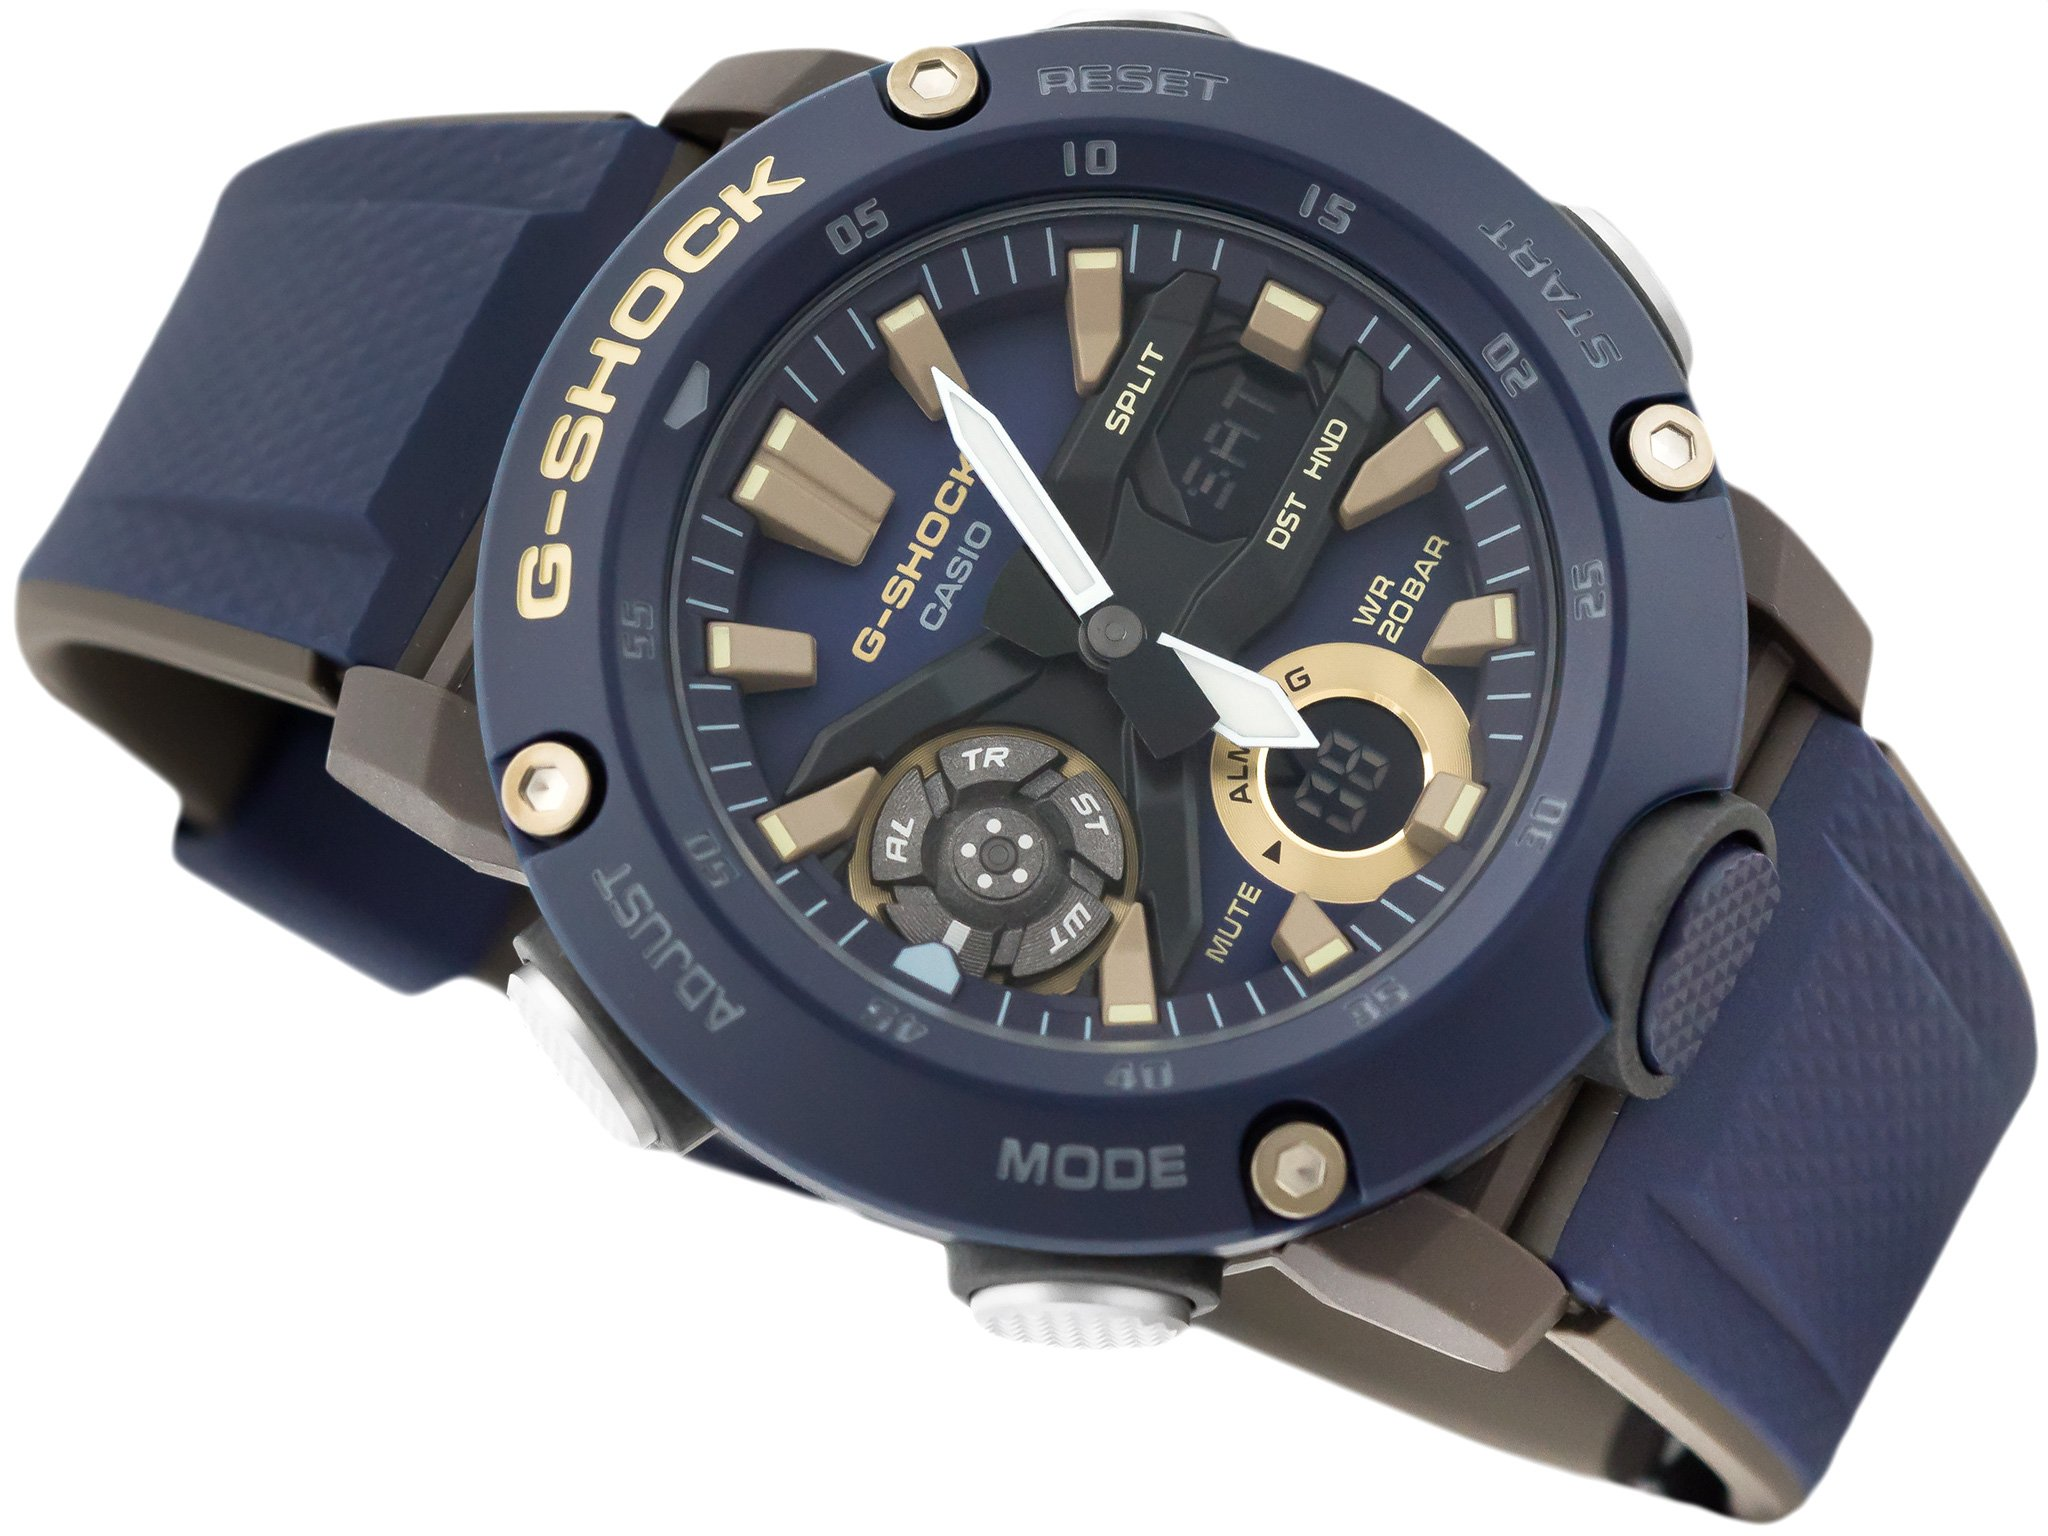 b9eda26281f3e9 Zegarek męski CASIO GA-2000 2A 519,00 zł cena tanio najtaniej opinie ...